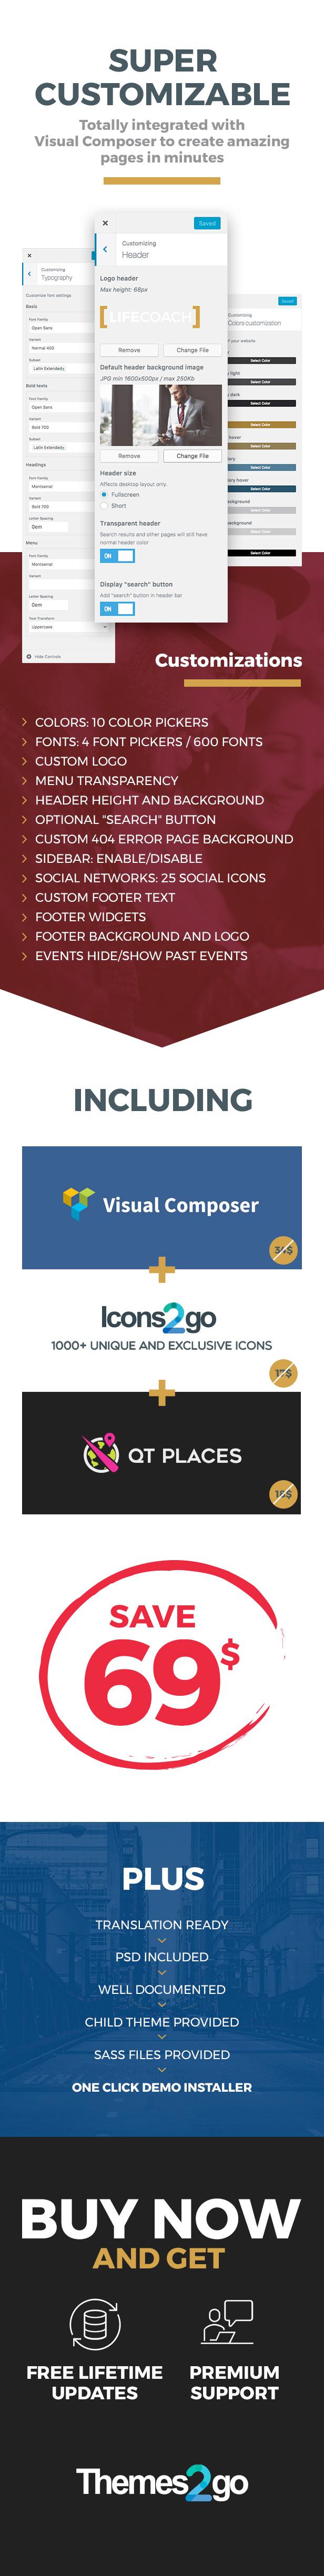 Life Coach Wordpress Theme Customizations